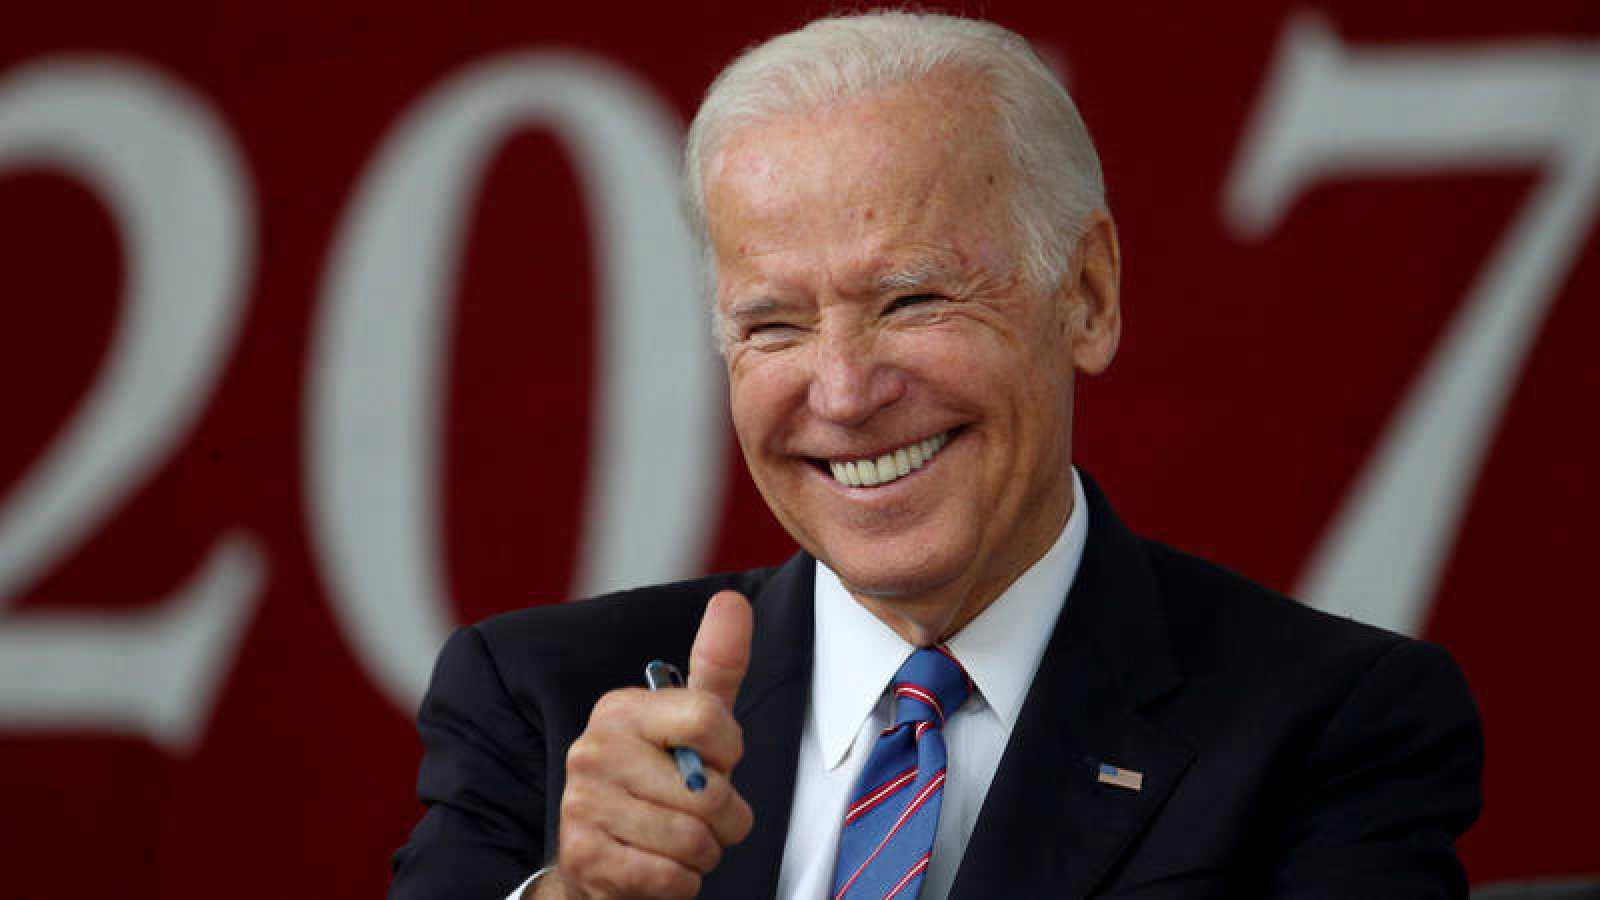 Joe Biden durante un acto en la Universidad de Harvard en Cambridge, Massachusetts, el 24 de mayo de 2017